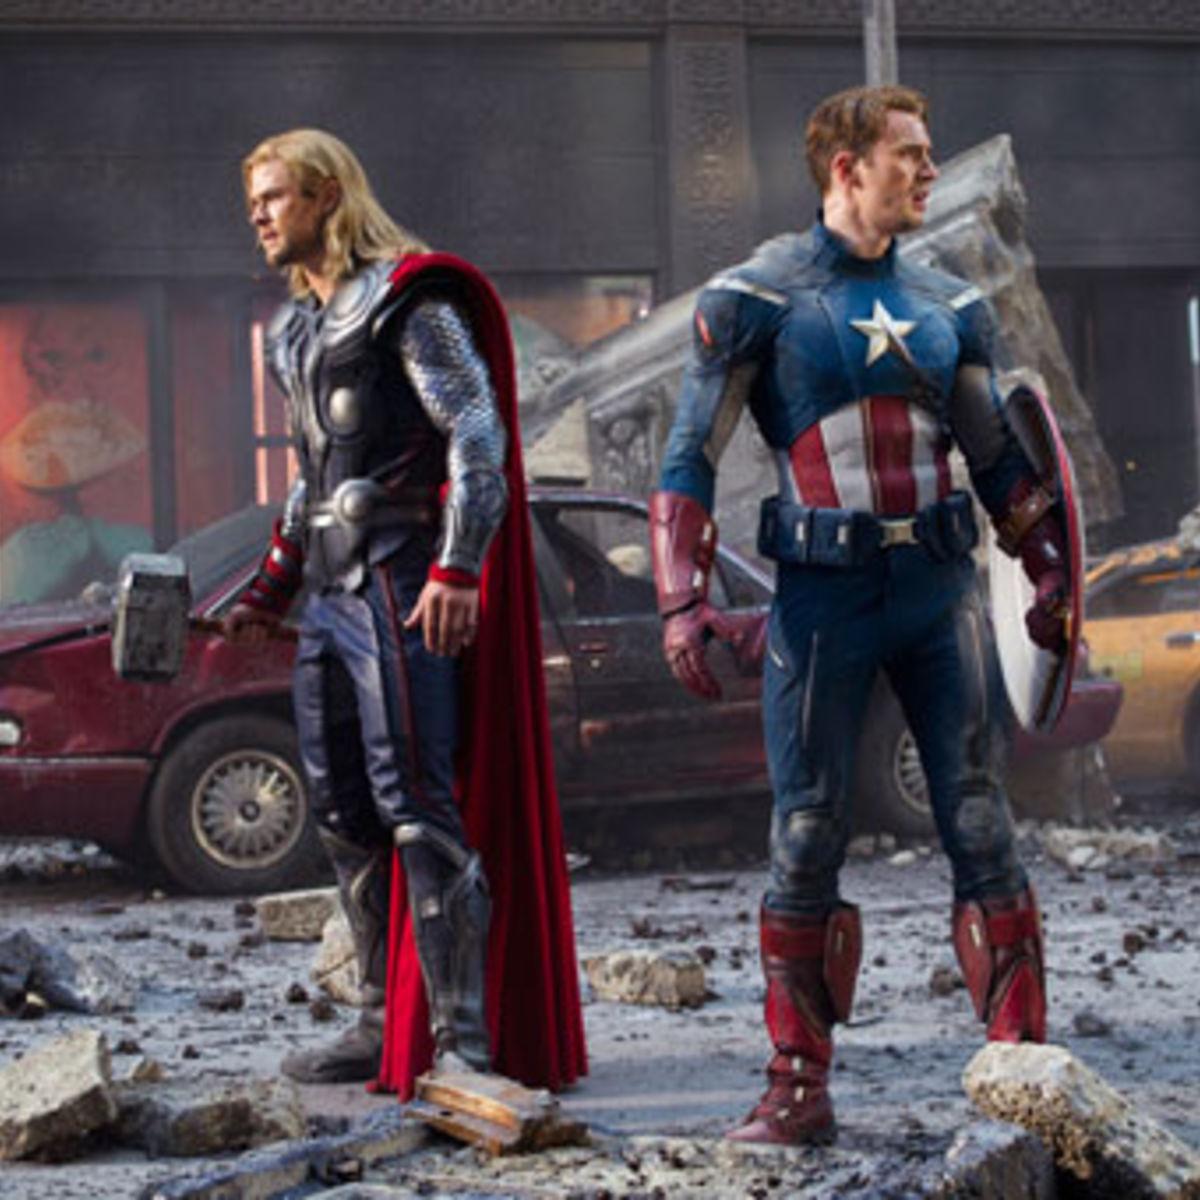 Avengers010612_0.jpg